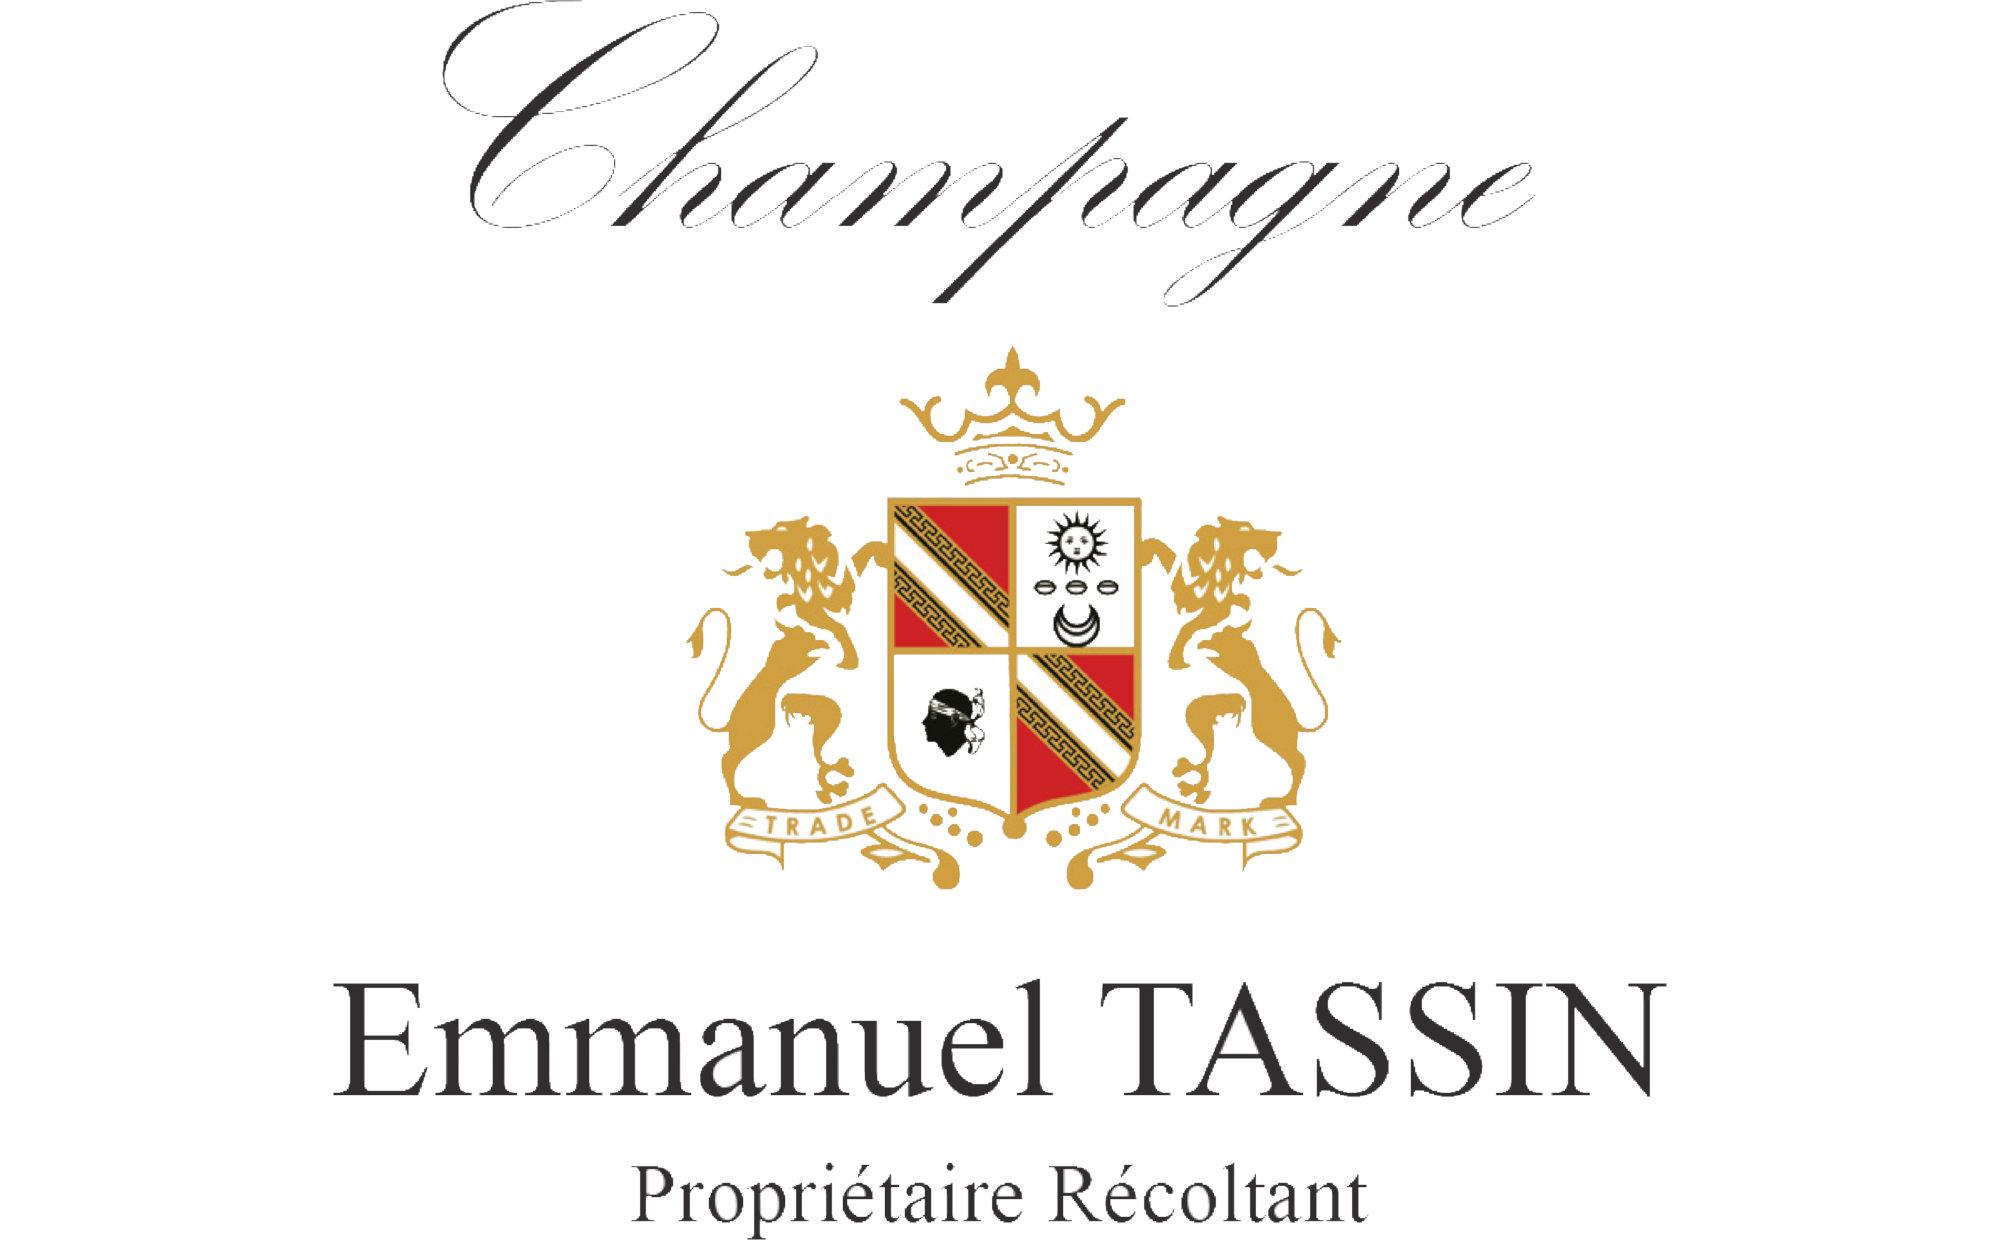 Emmanuel Tassin Champagne